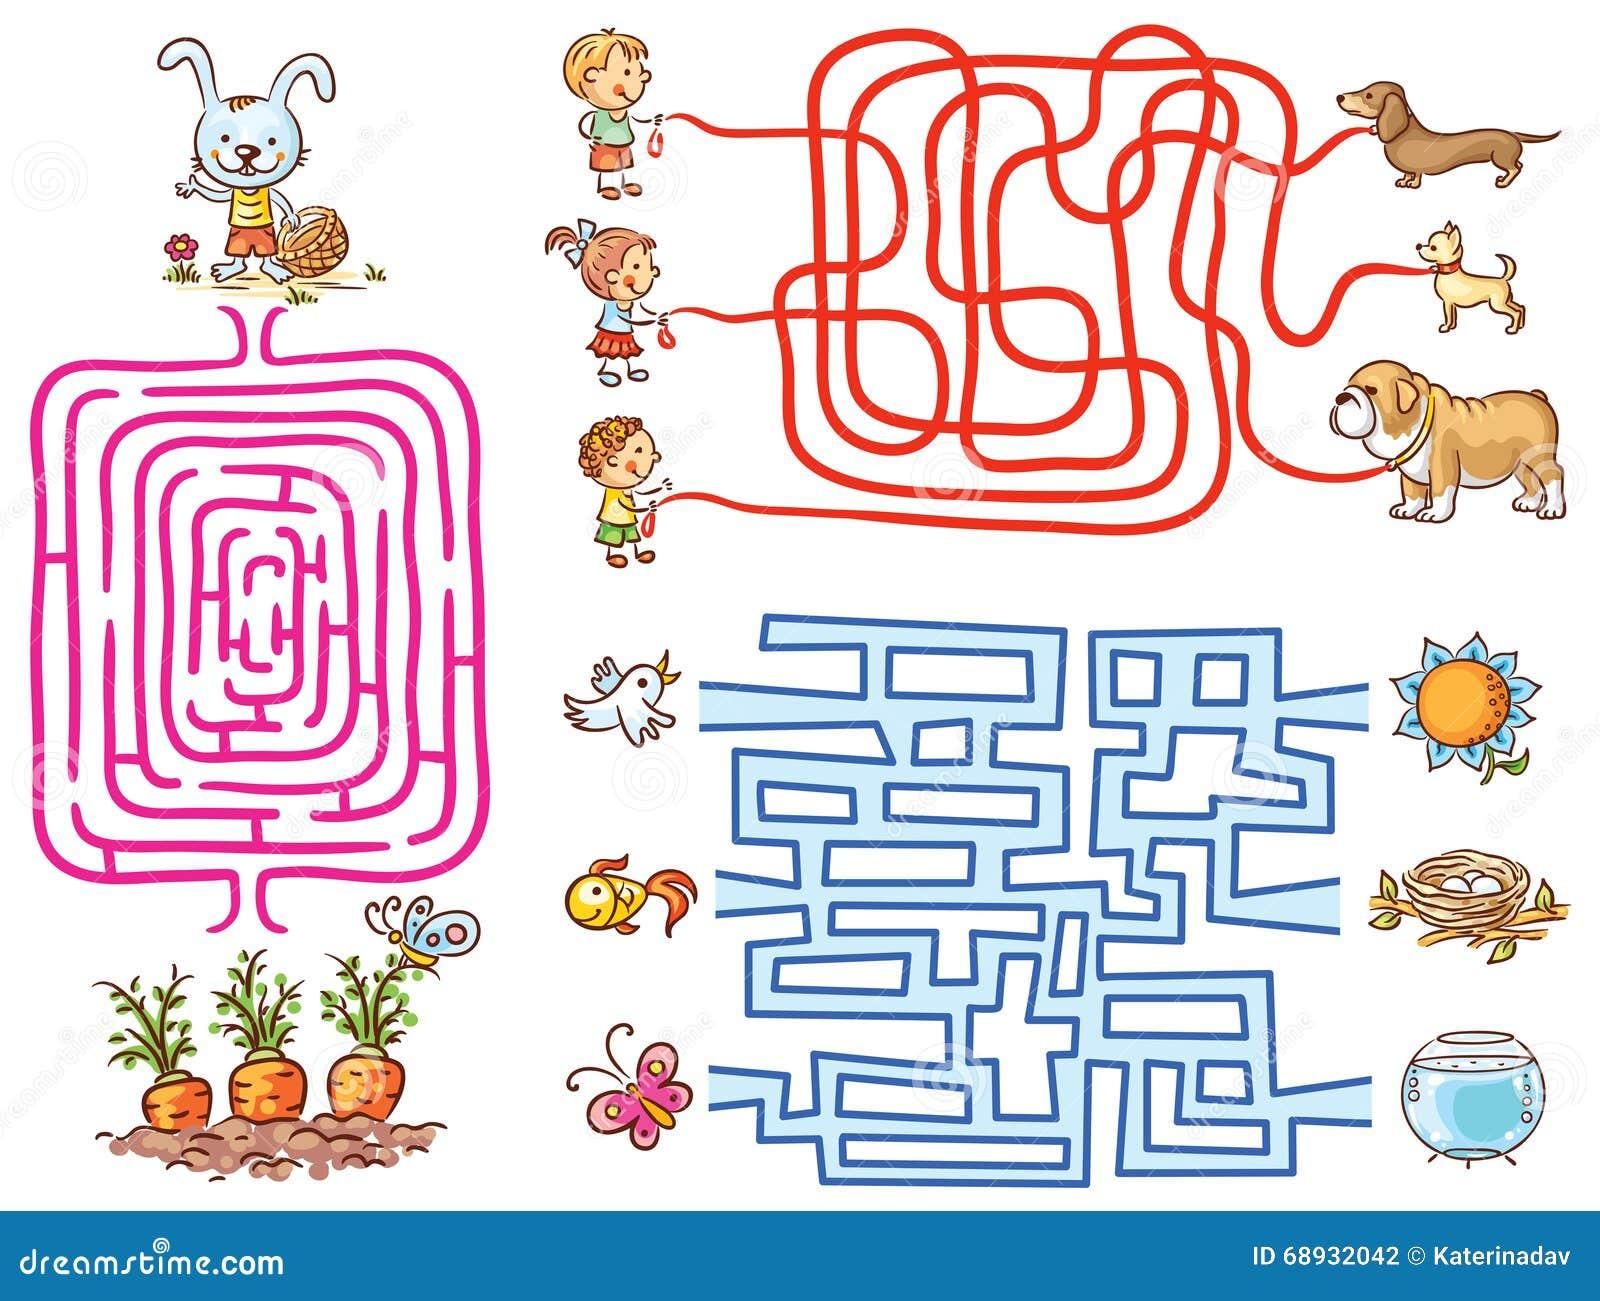 Τα παιχνίδια λαβύρινθων θέτουν για τα preschoolers: βρείτε τα στοιχεία τρόπων ή αντιστοιχιών